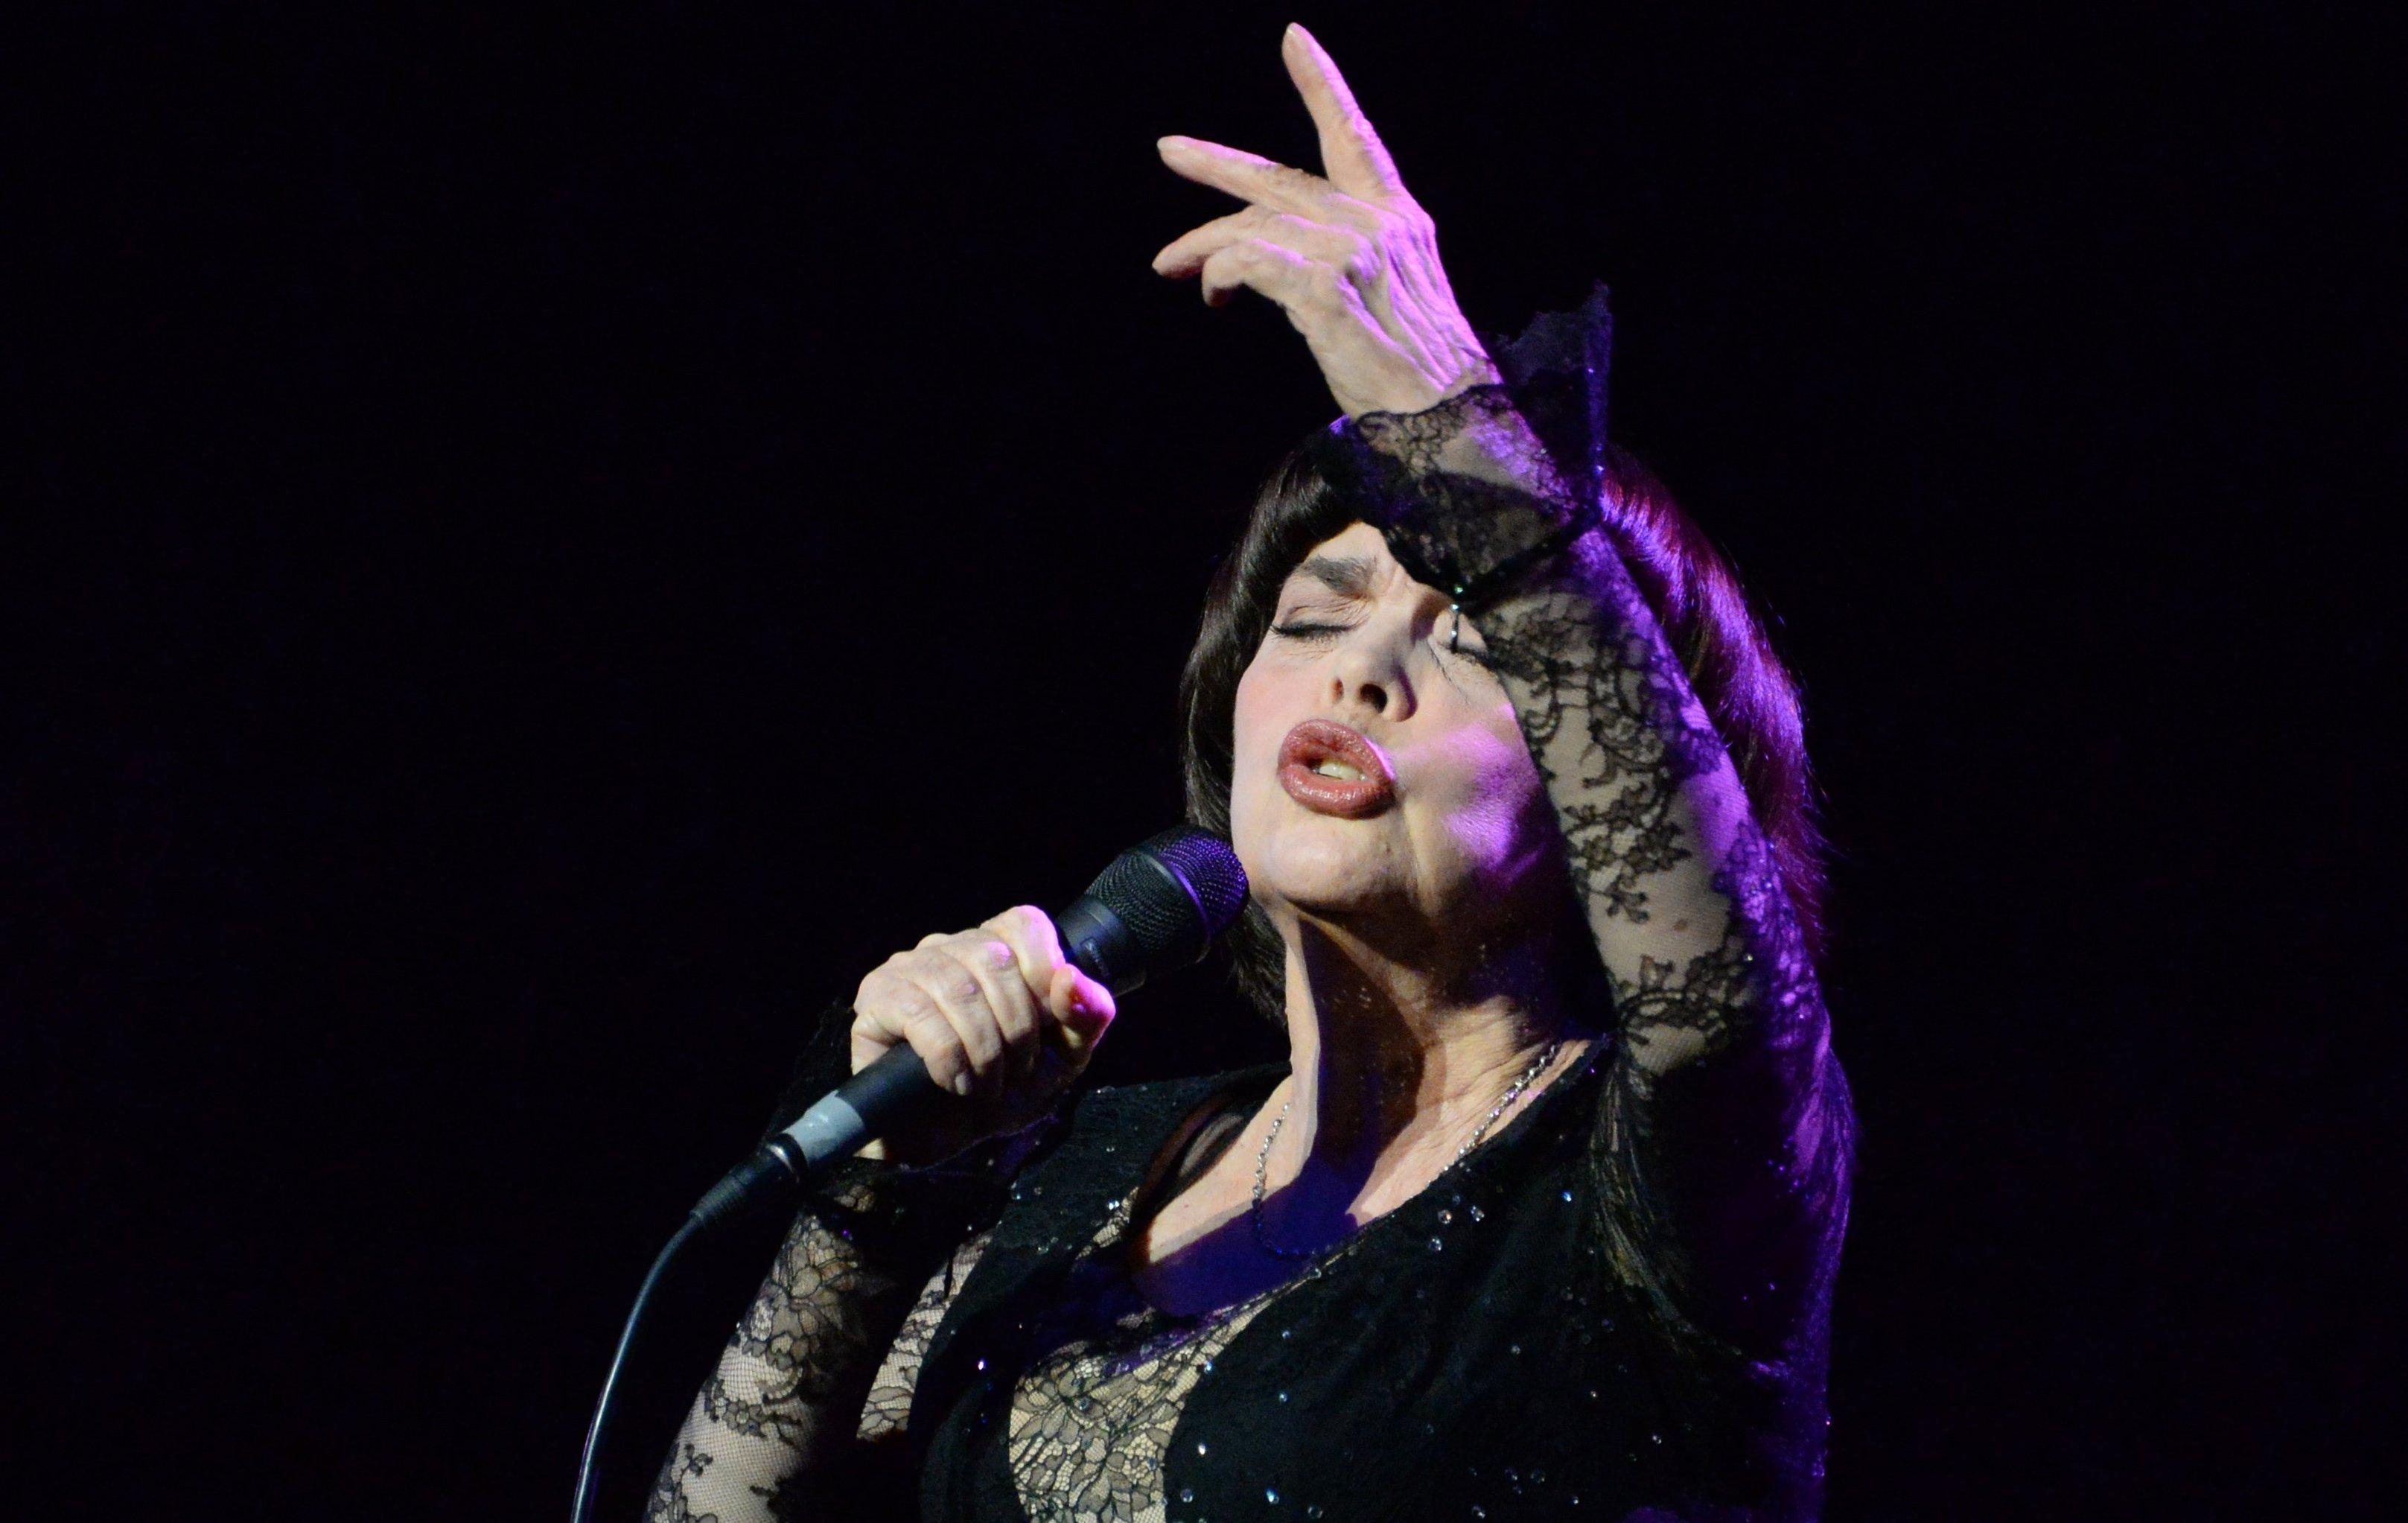 Концерт французской певицы Мирей Матьё в Москве